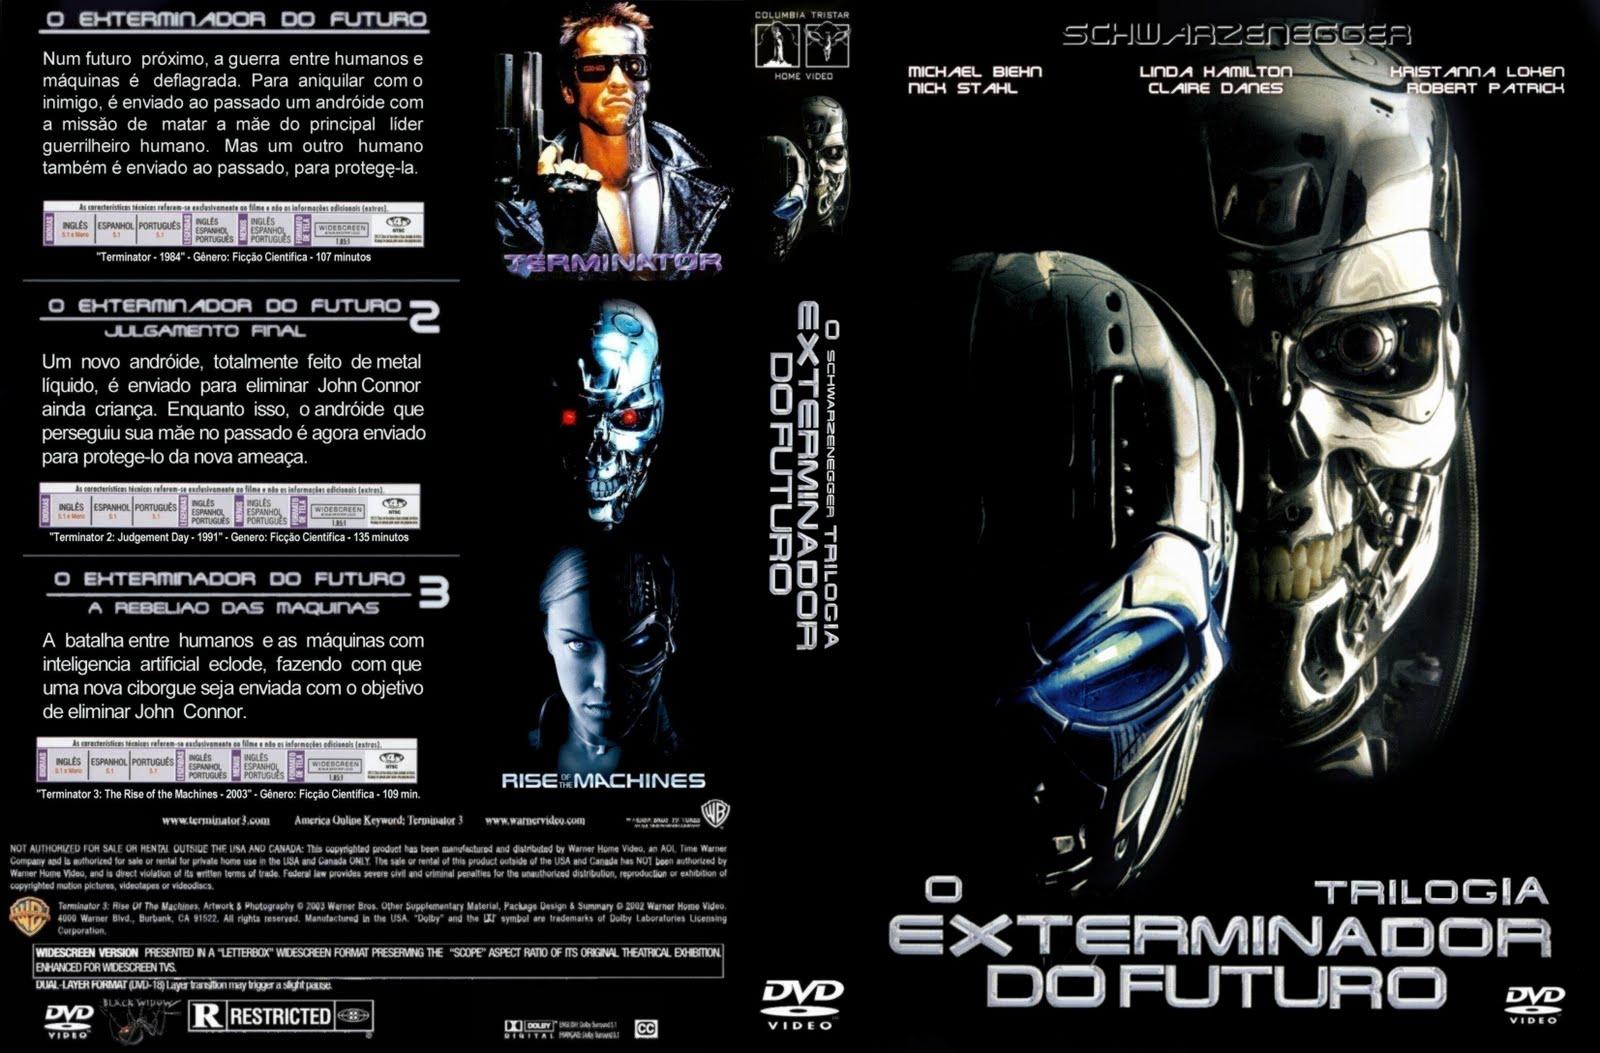 O exterminador do futuro 3: a rebelião das máquinas torrent.